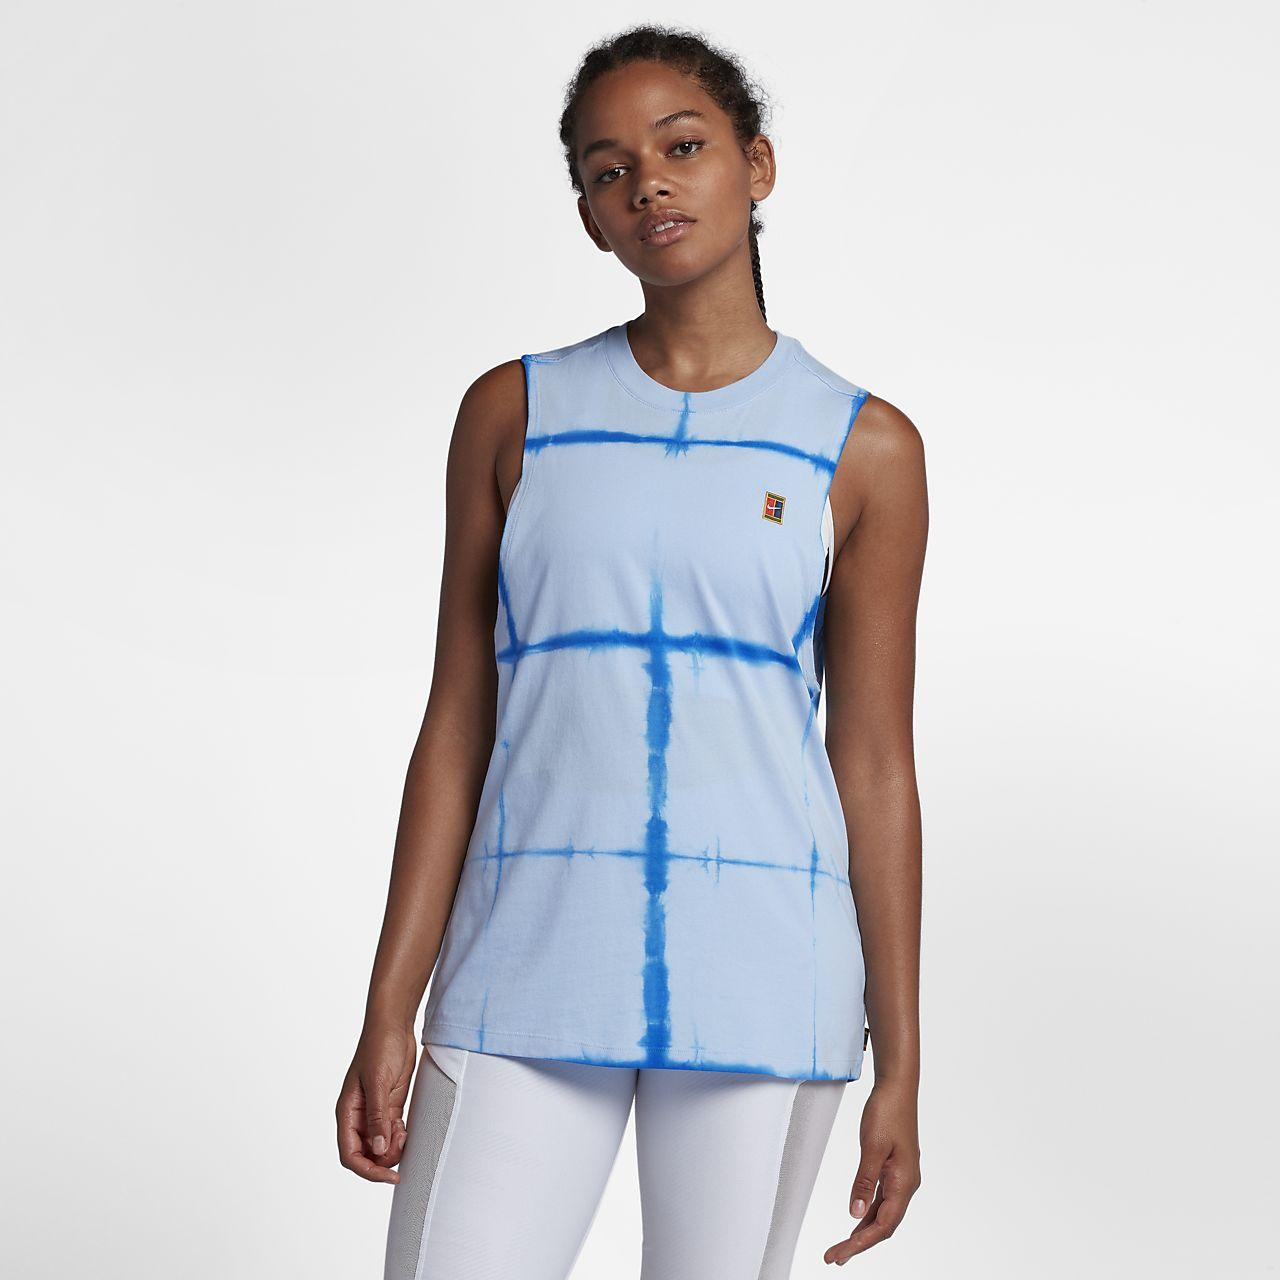 NikeCourt női tenisztrikó